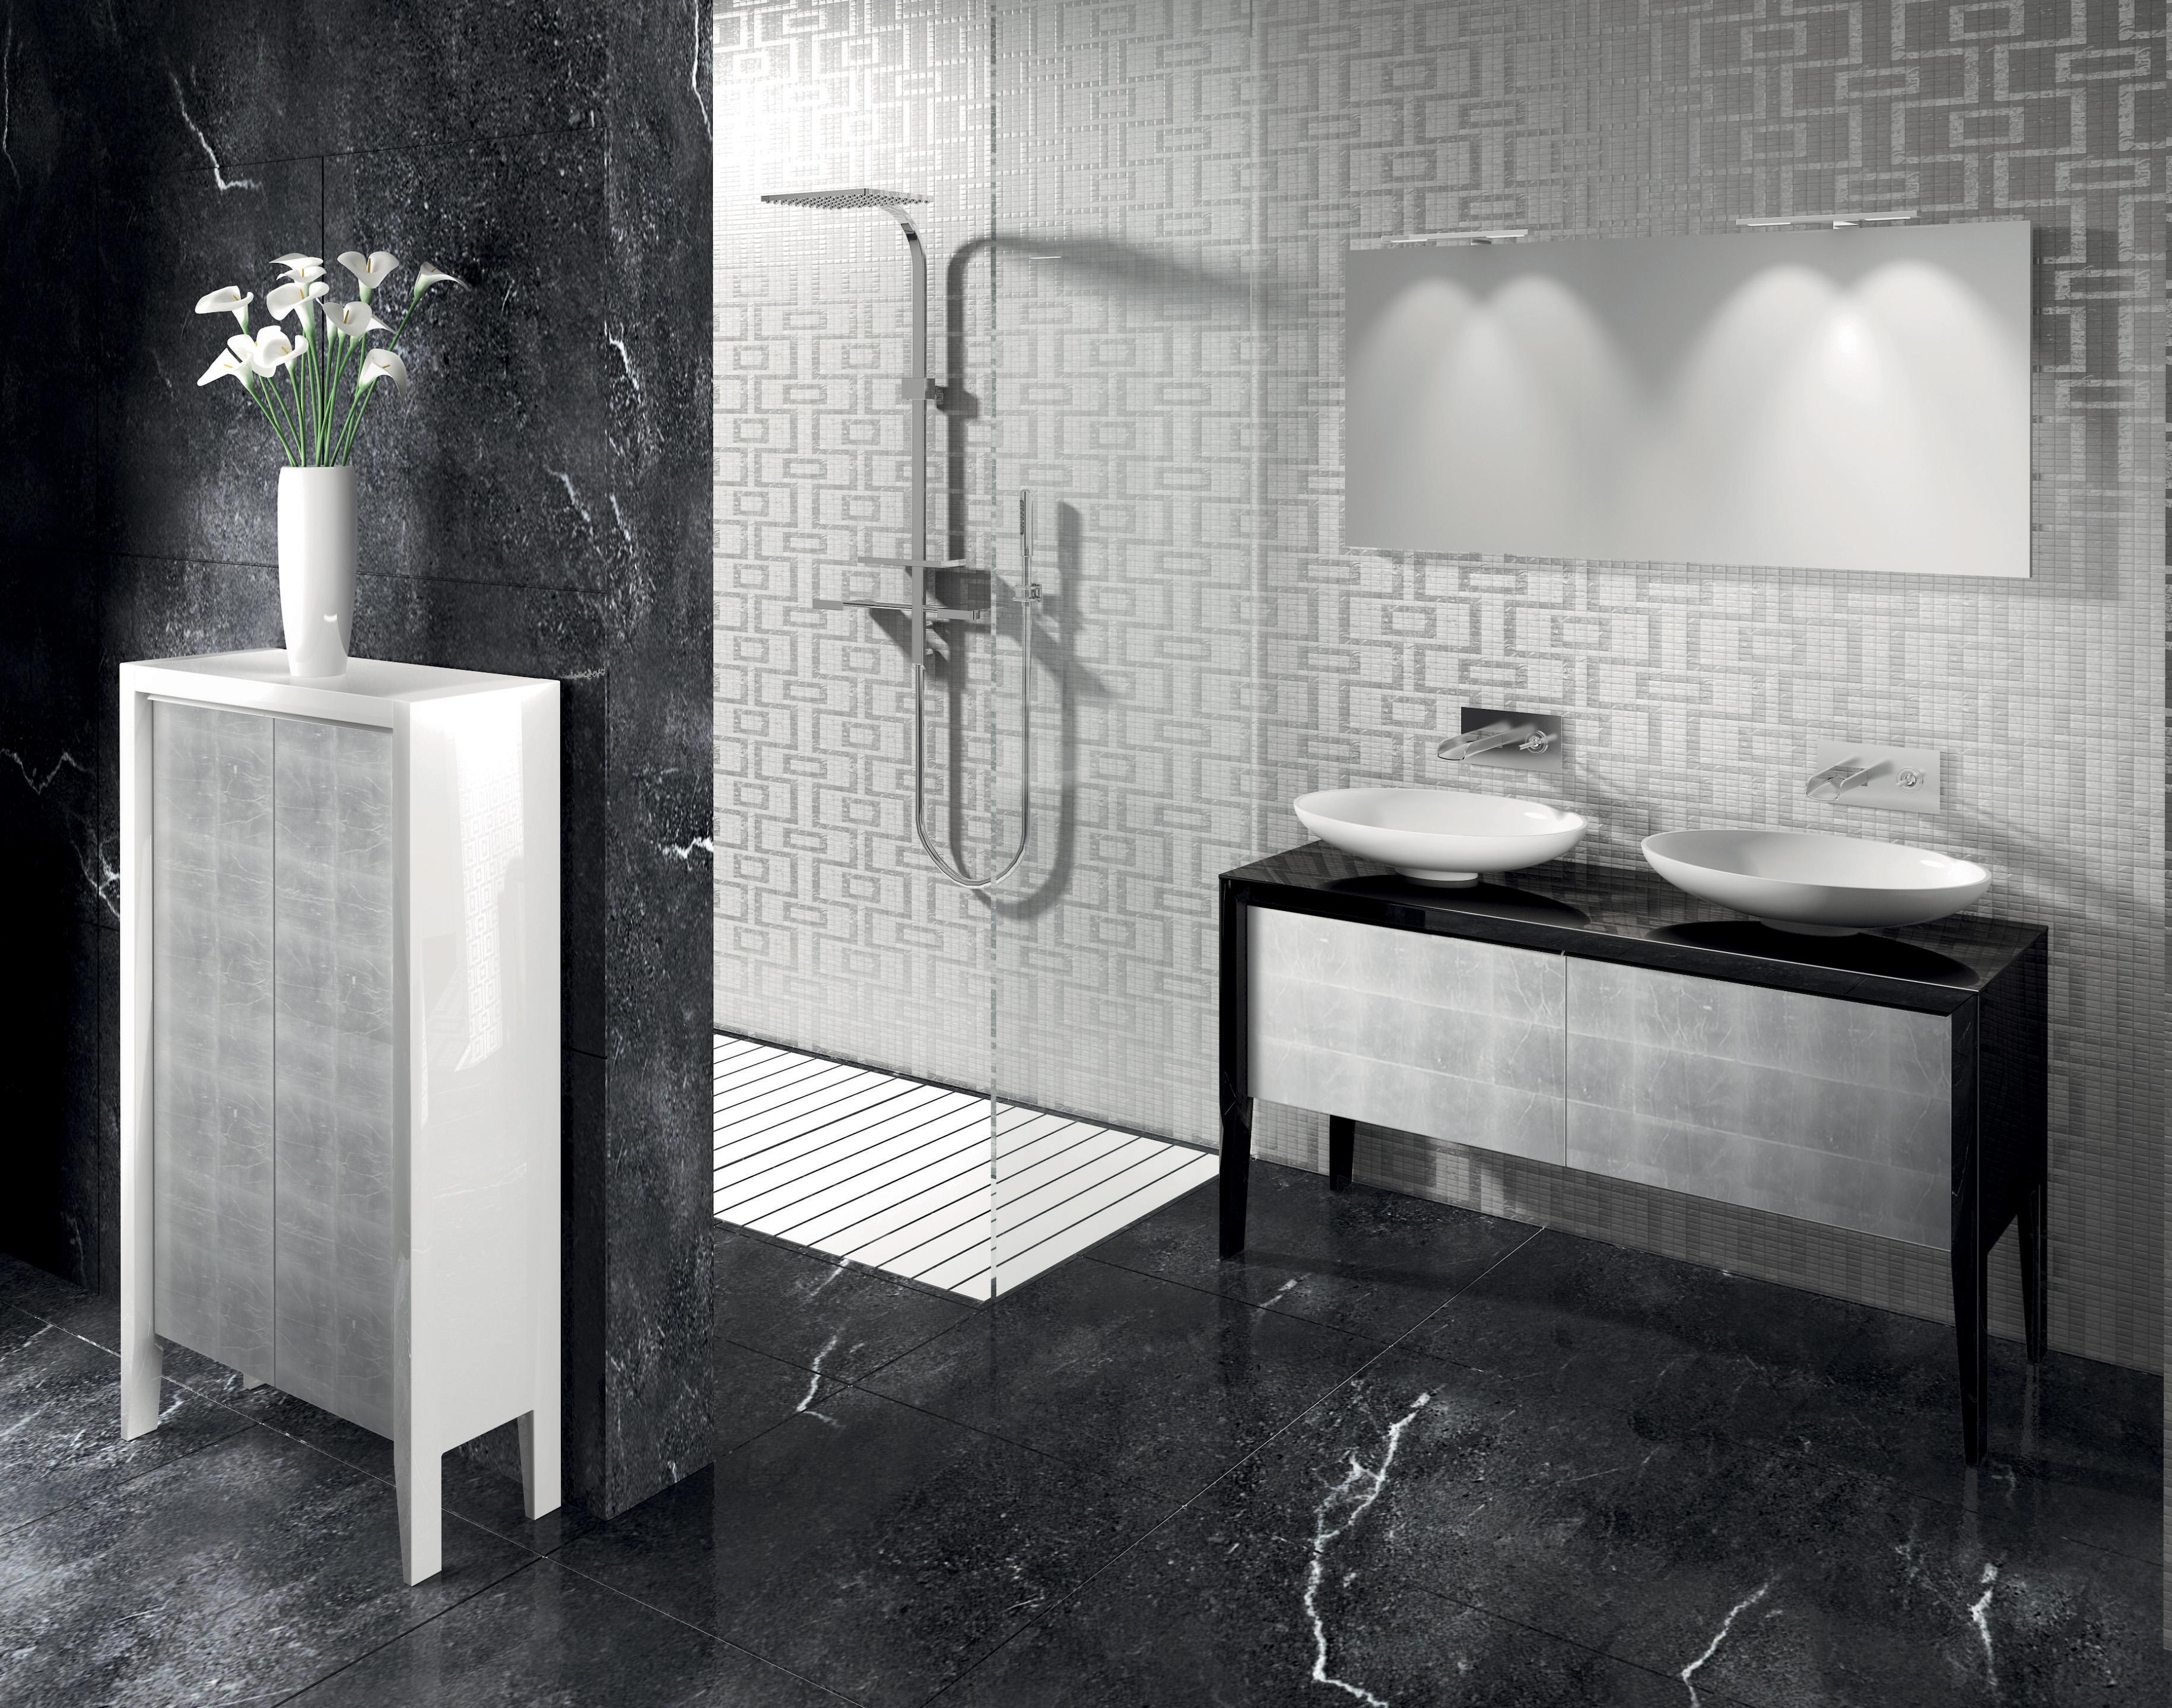 Jet set progetto bagno - Mobile bagno nero lucido ...